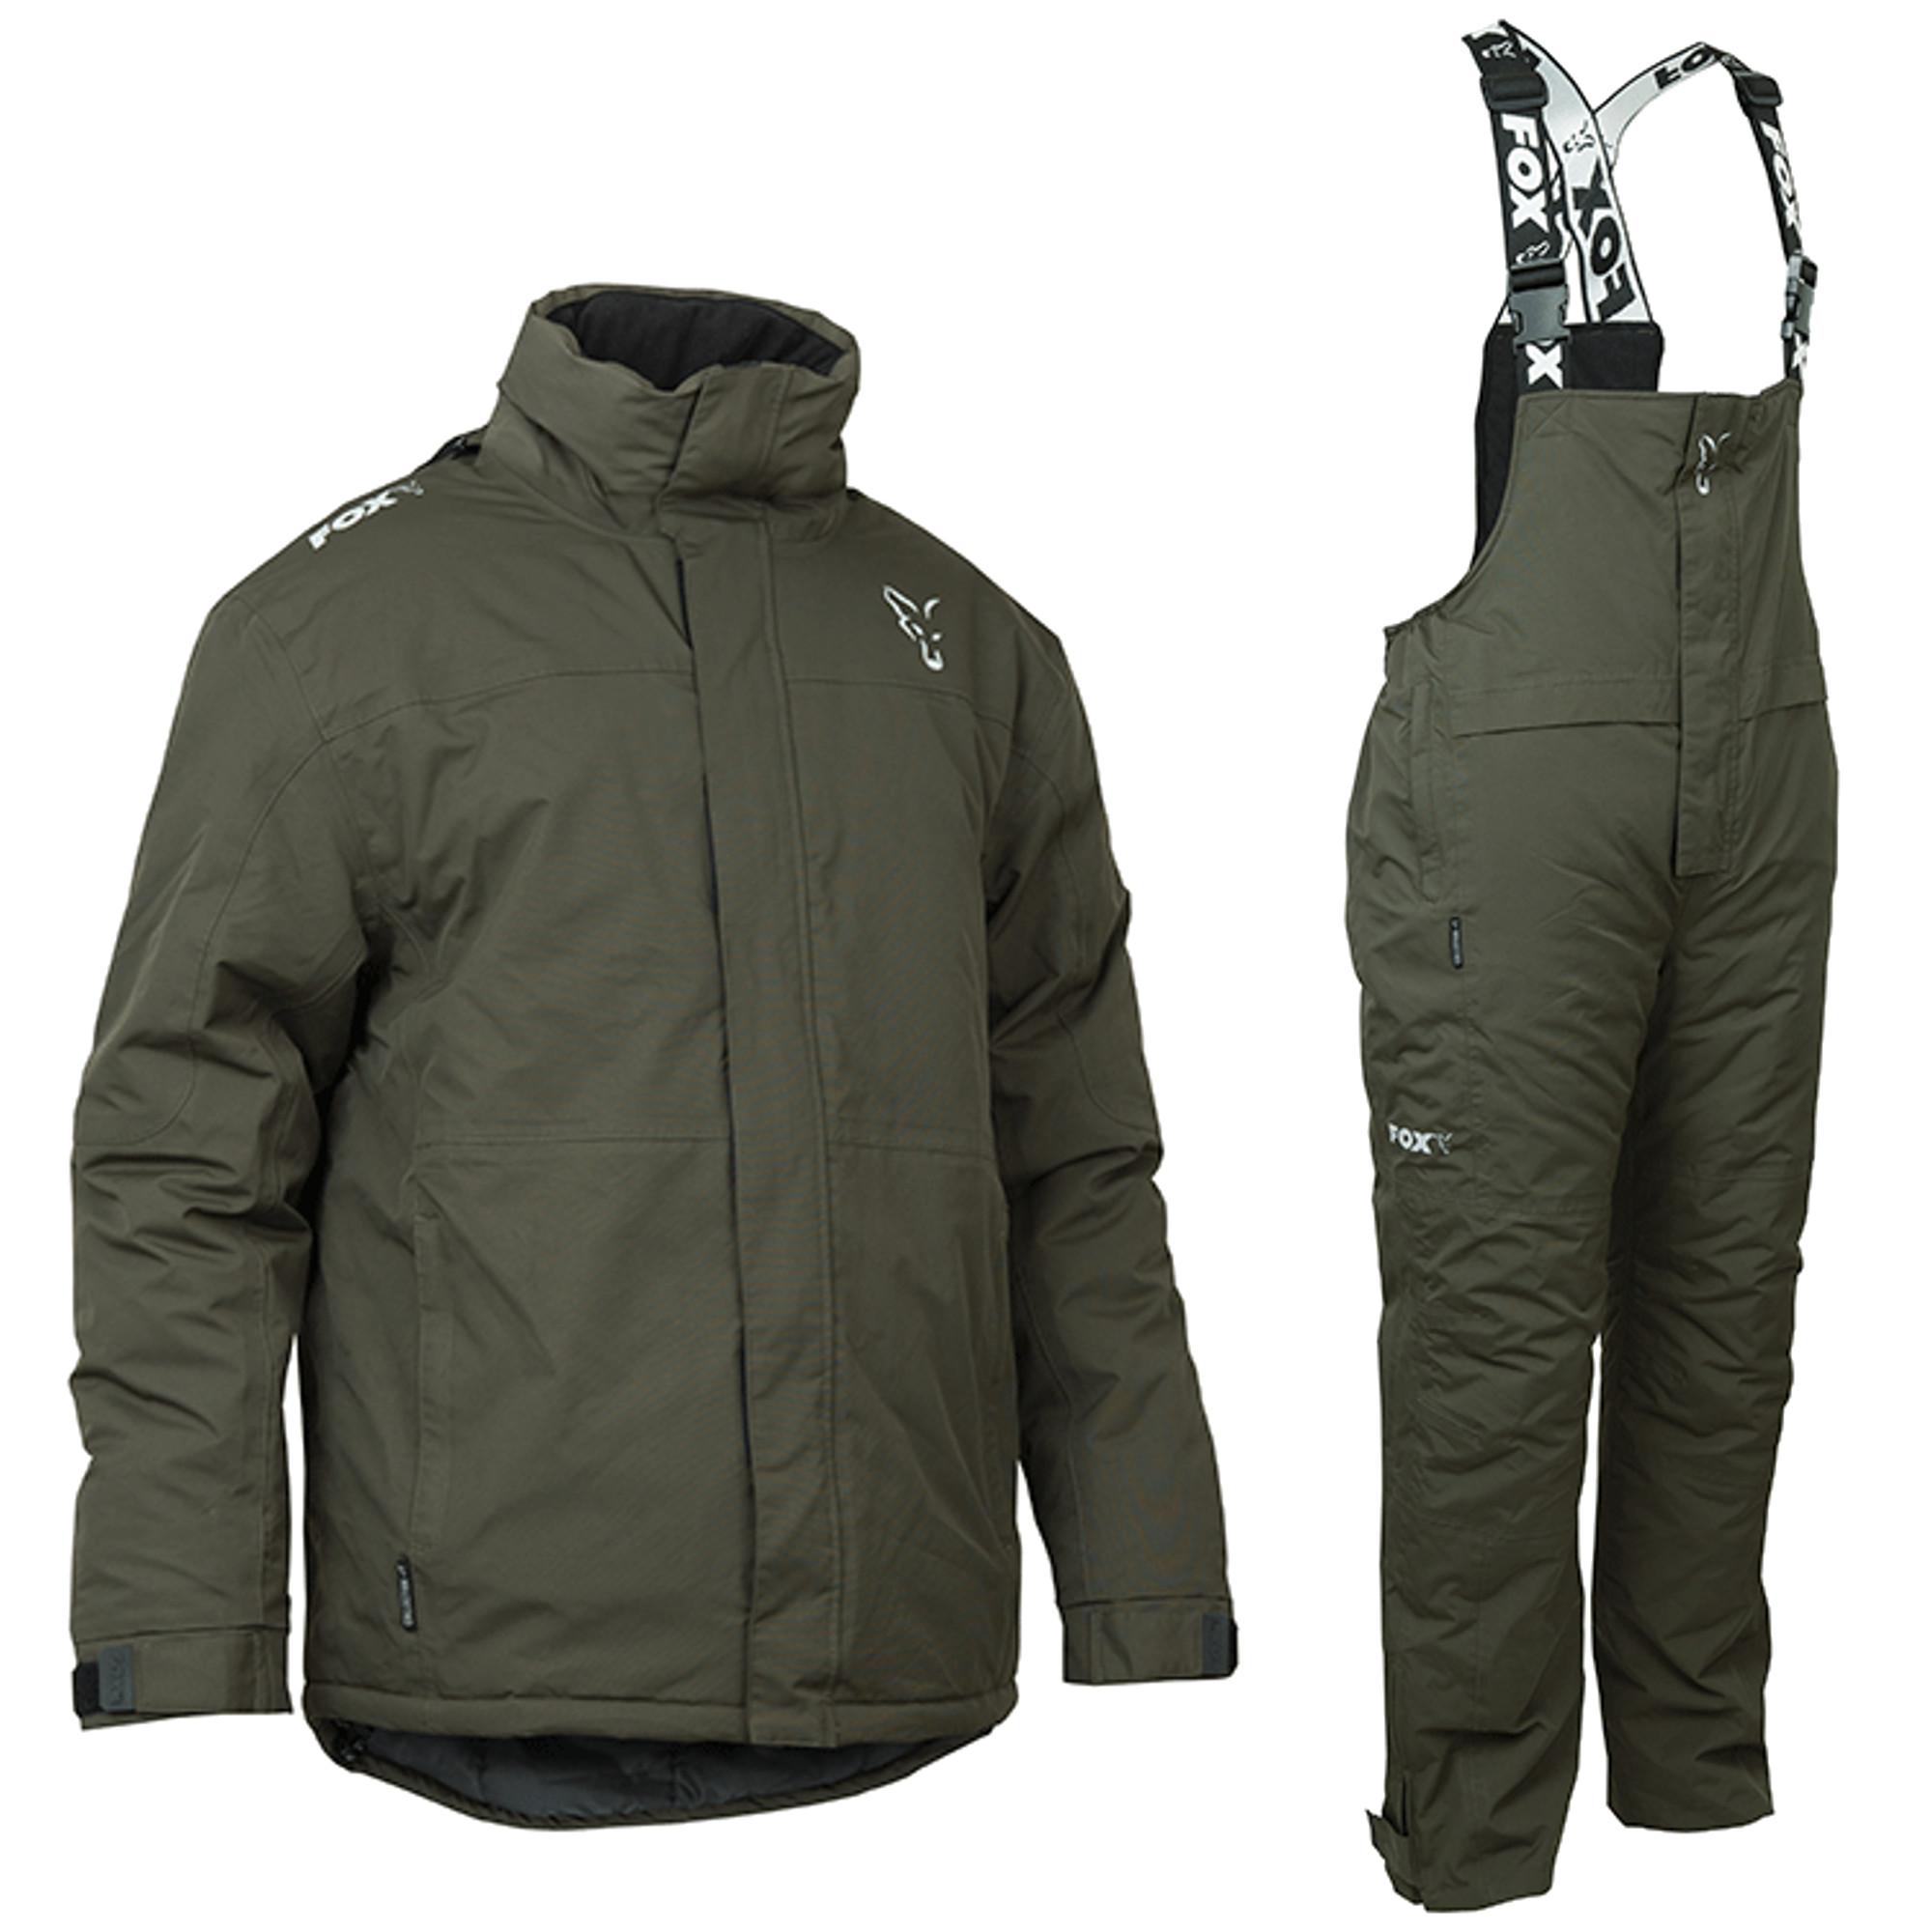 S, M, L, XL, XXL oder XXXL Fox Carp Winter Suit Thermoanzug